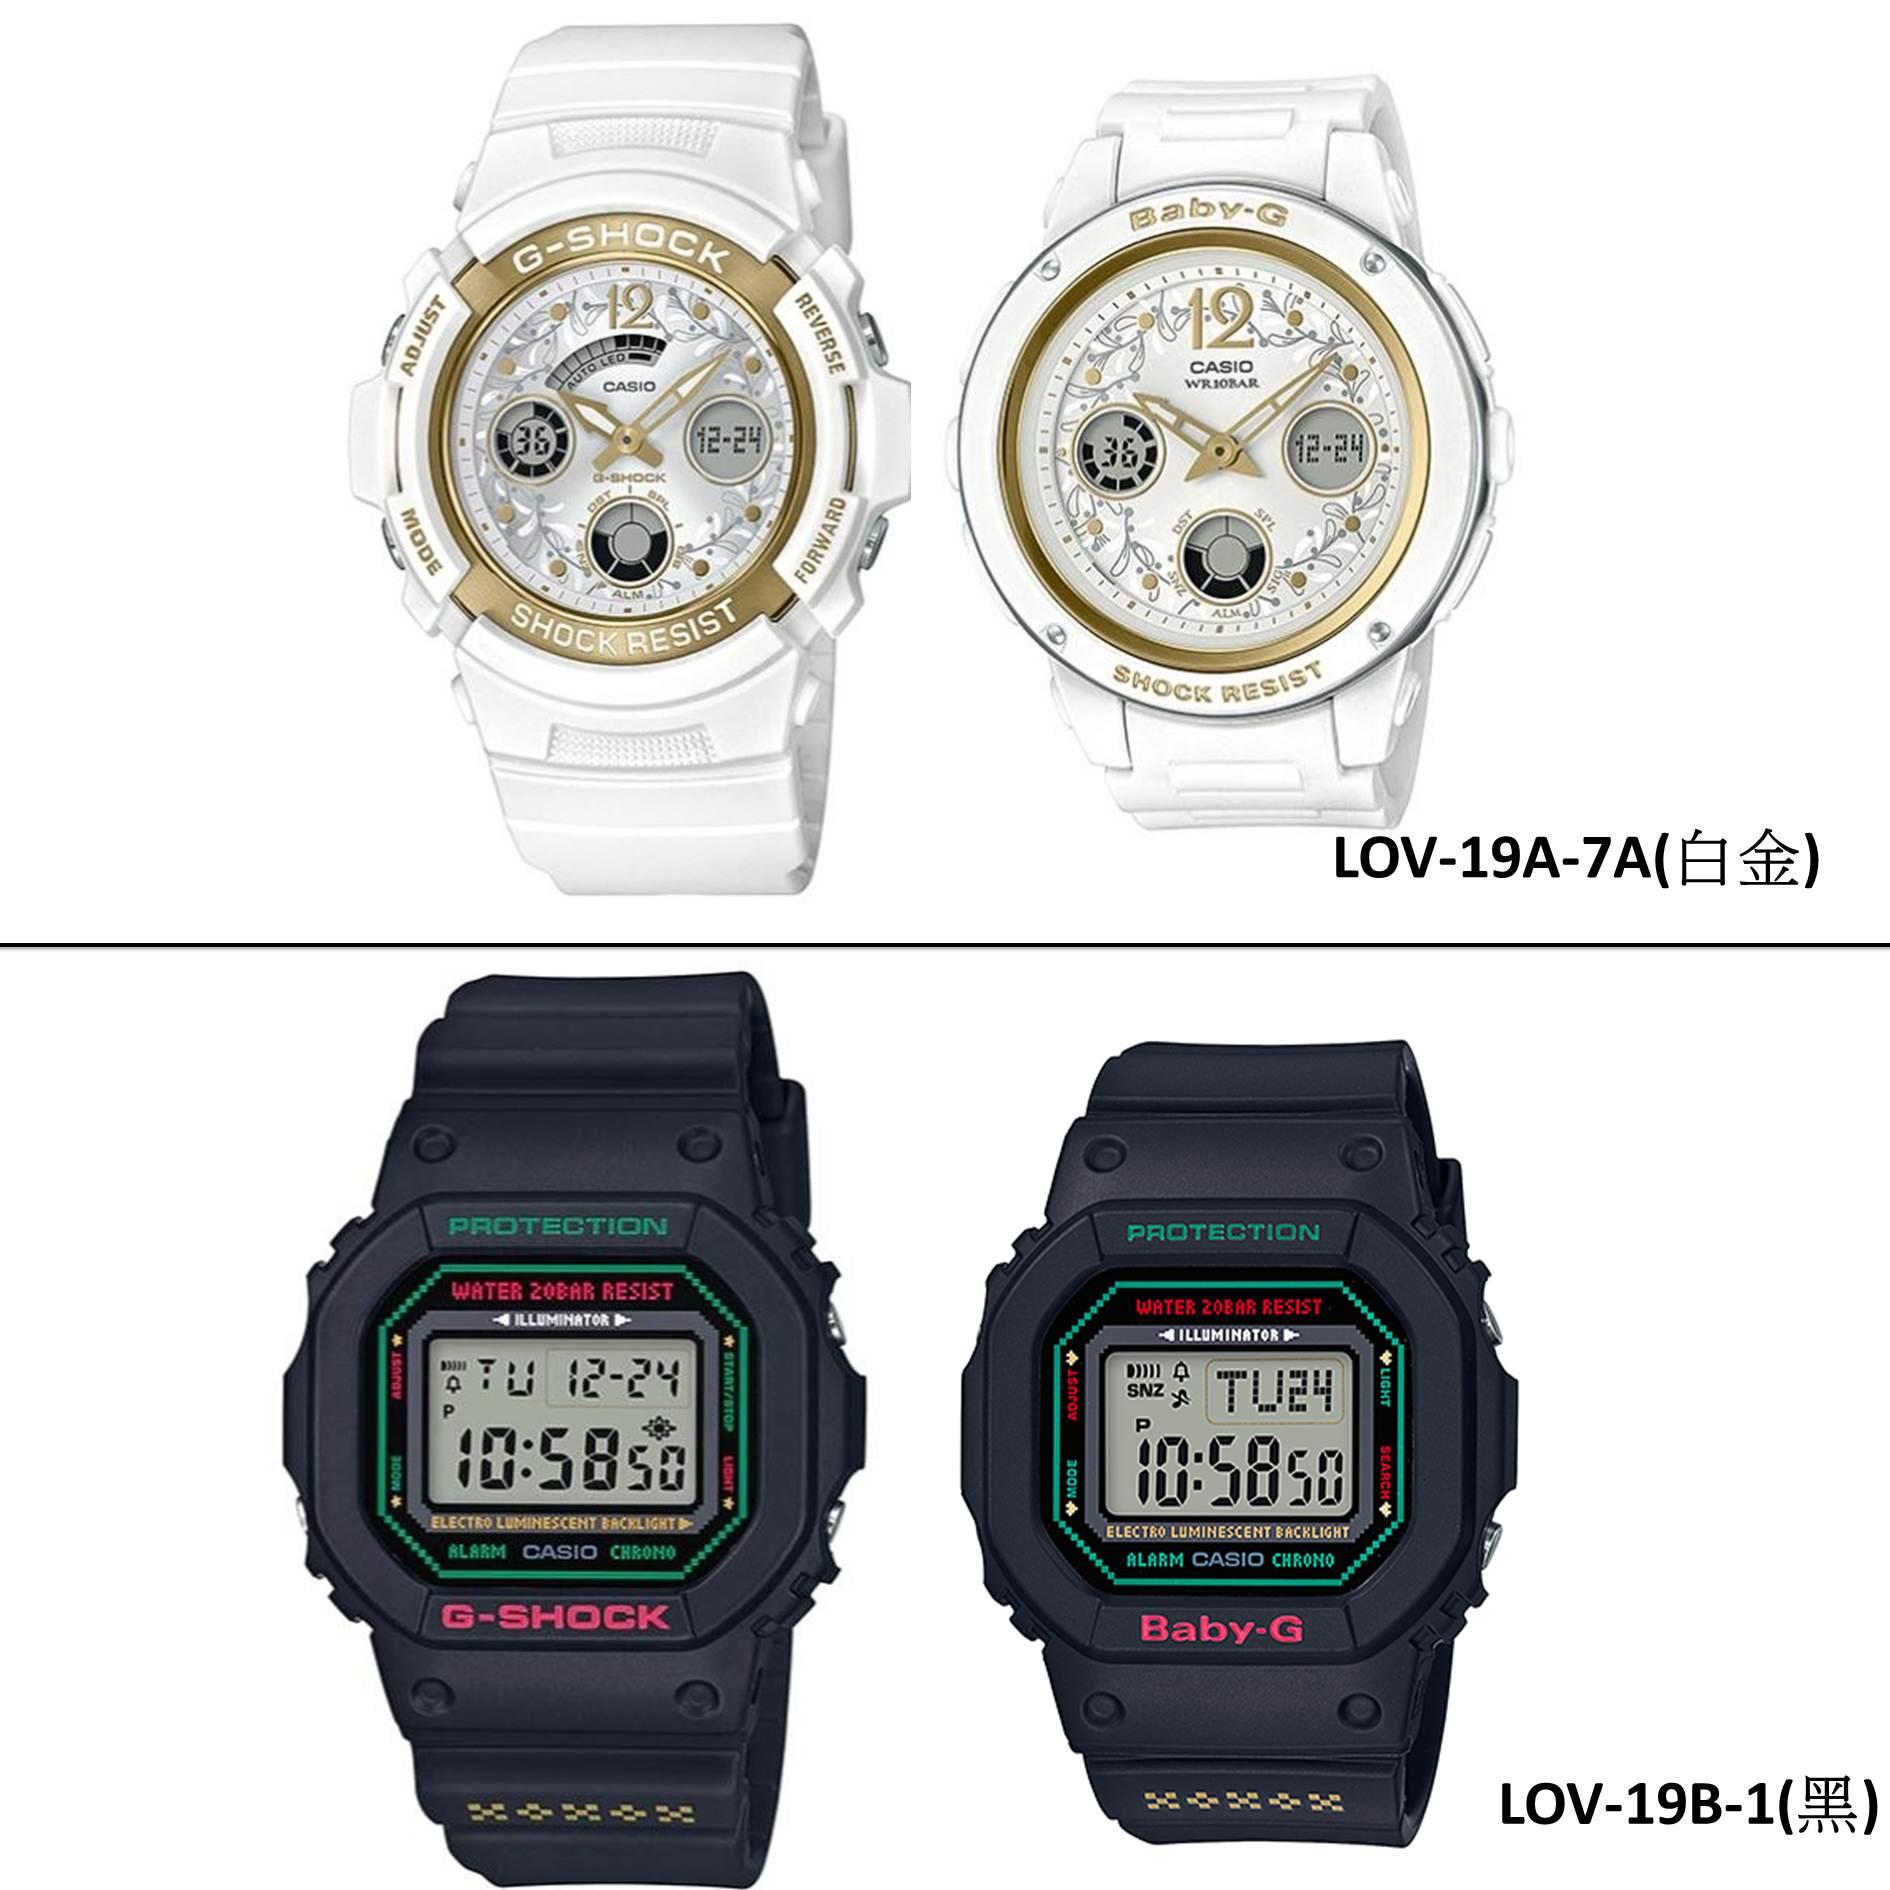 CASIO 卡西歐 LOV-19A-7A LOV-19B-1 G-SHOCK x BABY-G 天使與惡魔聖誕限量情侶對錶 1